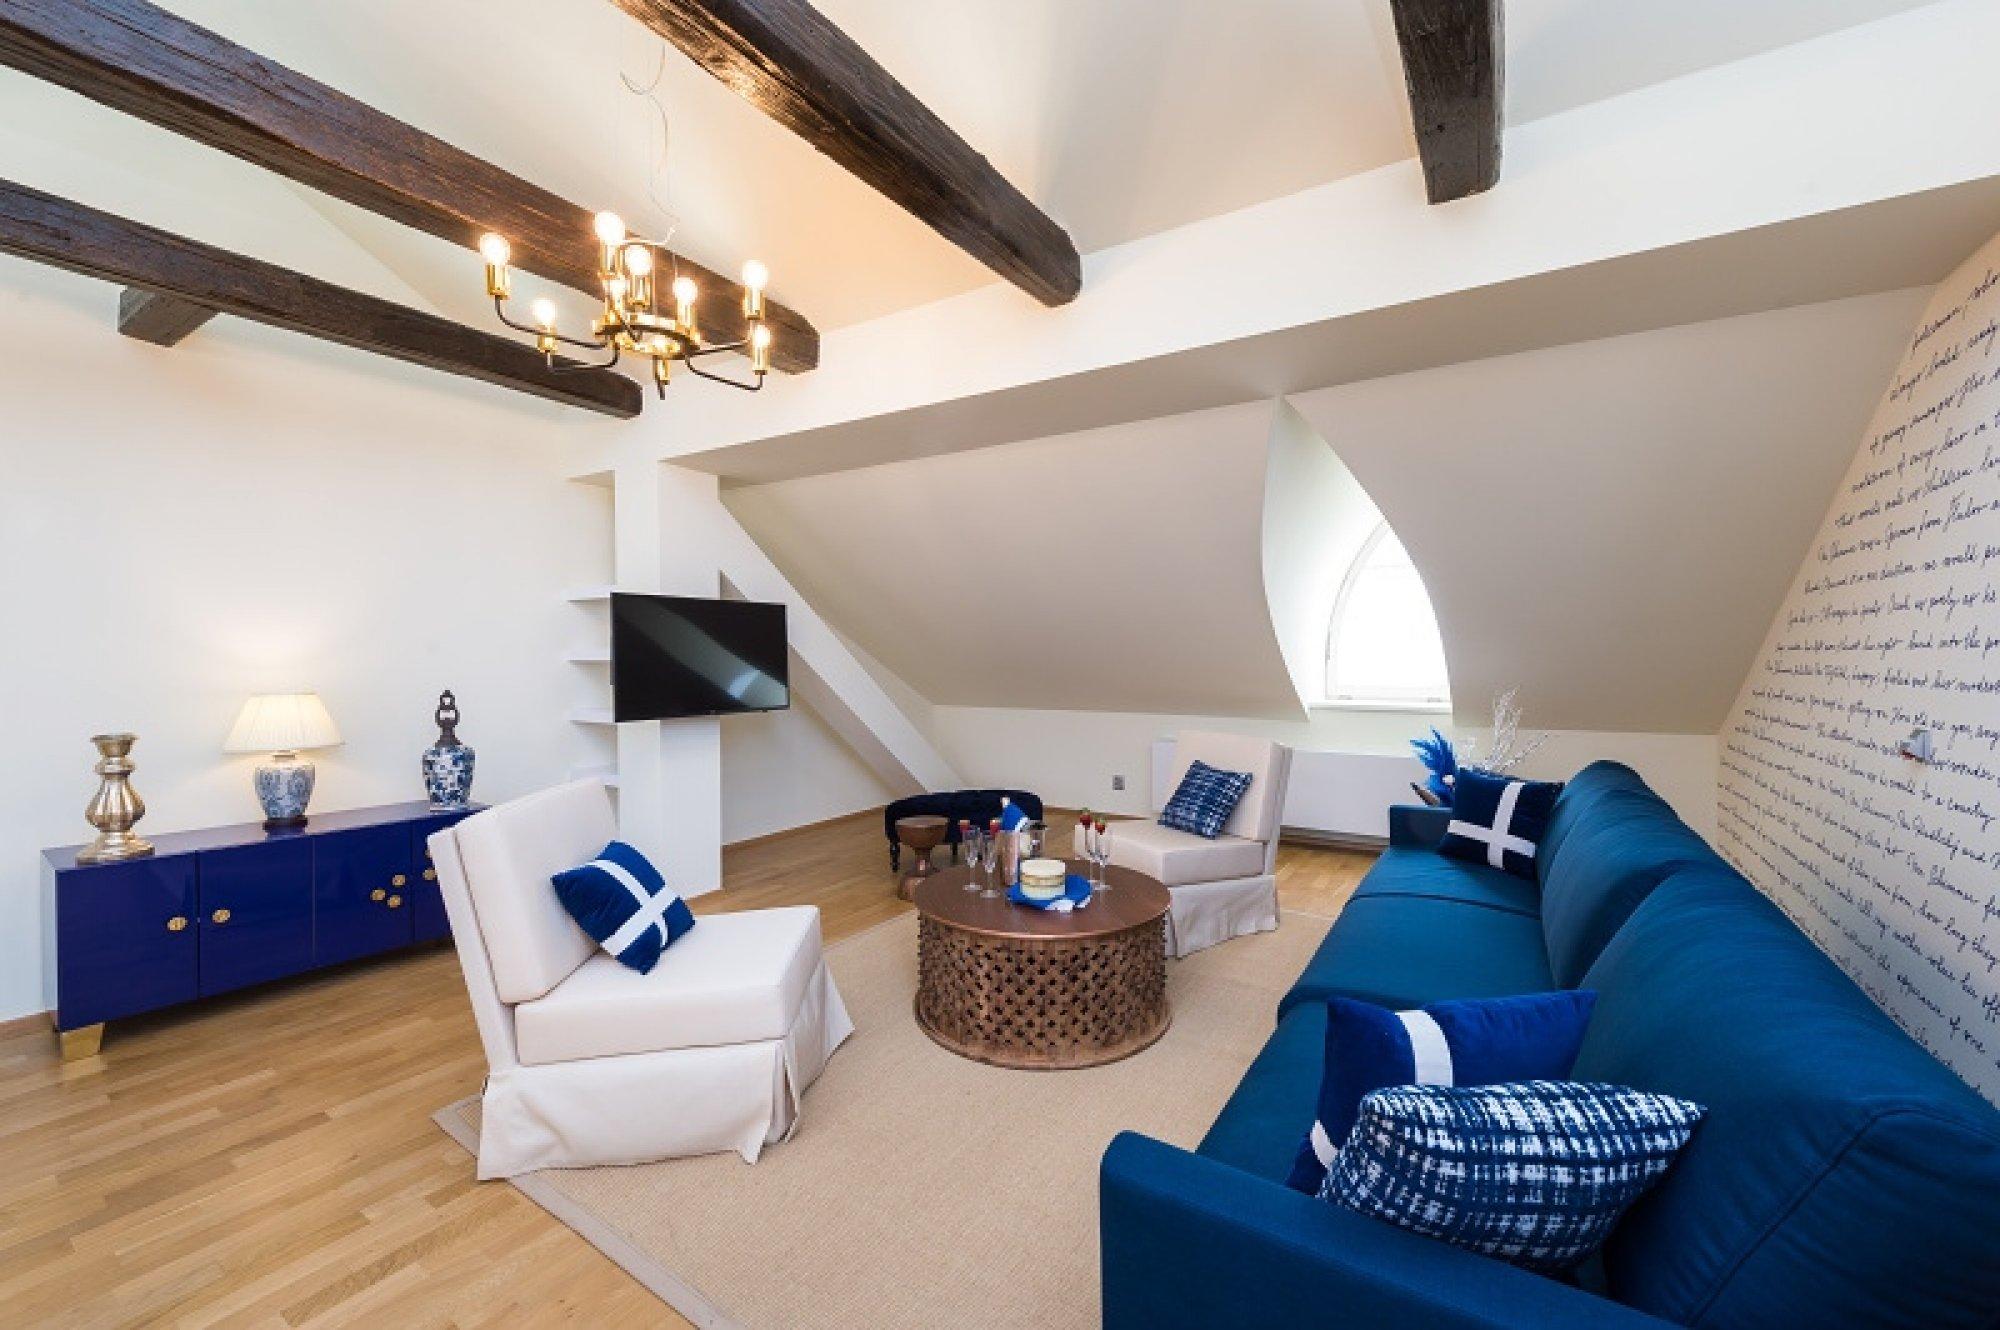 Půdní byt 5+kk, plocha 281 m², ulice Vítězná, Praha 1 - Malá Strana | 3